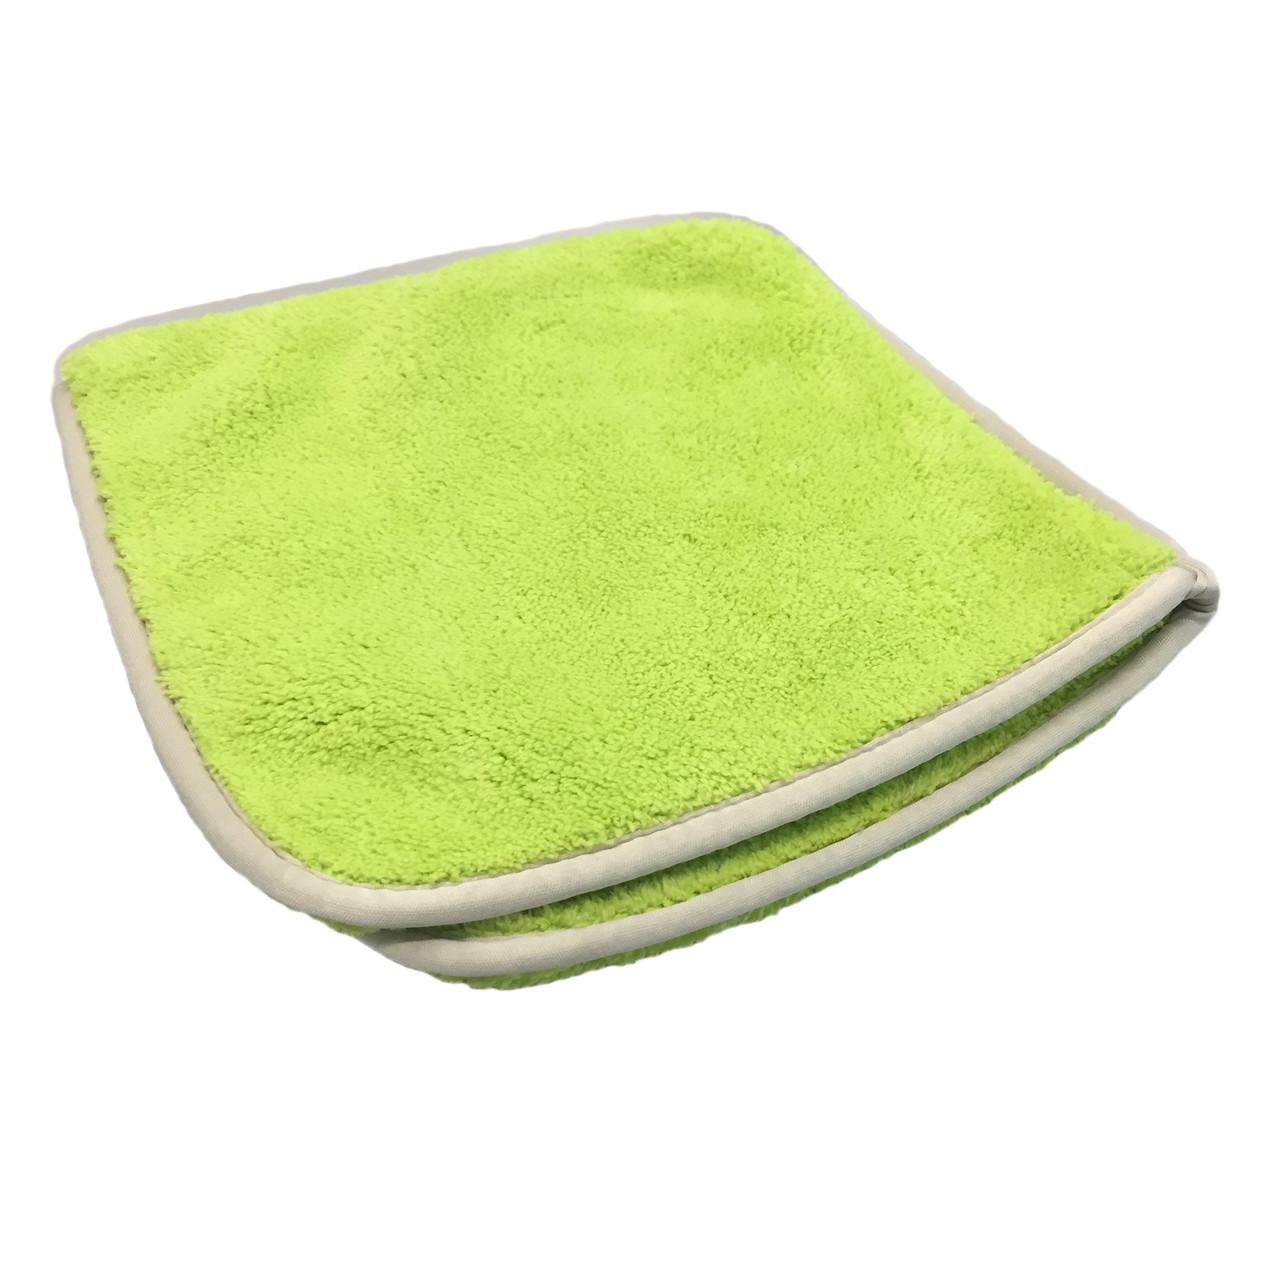 Полотенце-рукавица для сушки - Autofiber Double Flip 20х20 см. 1100 gsm зеленое (T2FLIP1100GM-3)